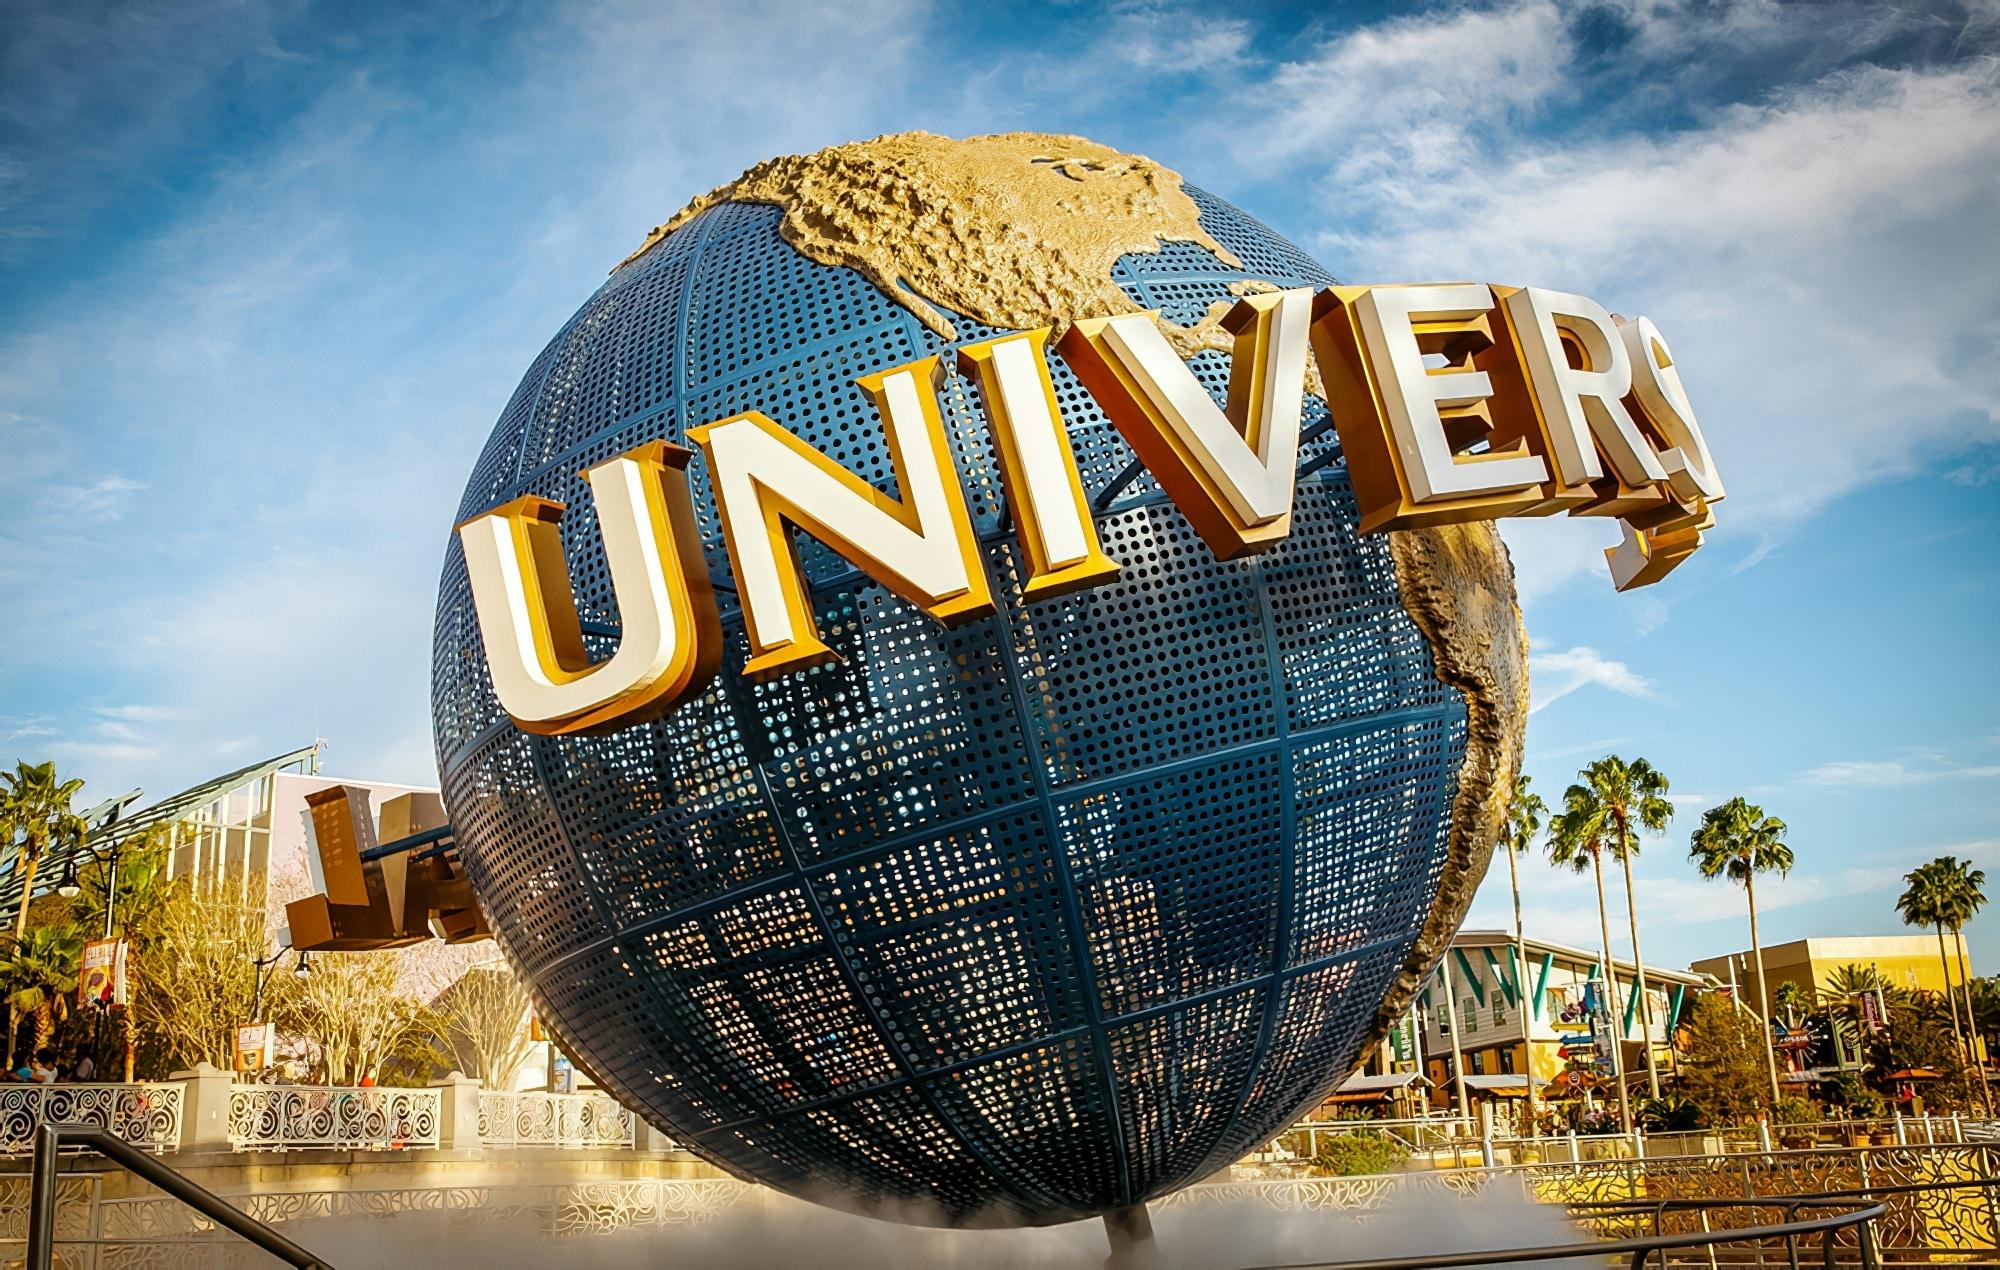 Visiter les Universal Studios à Orlando